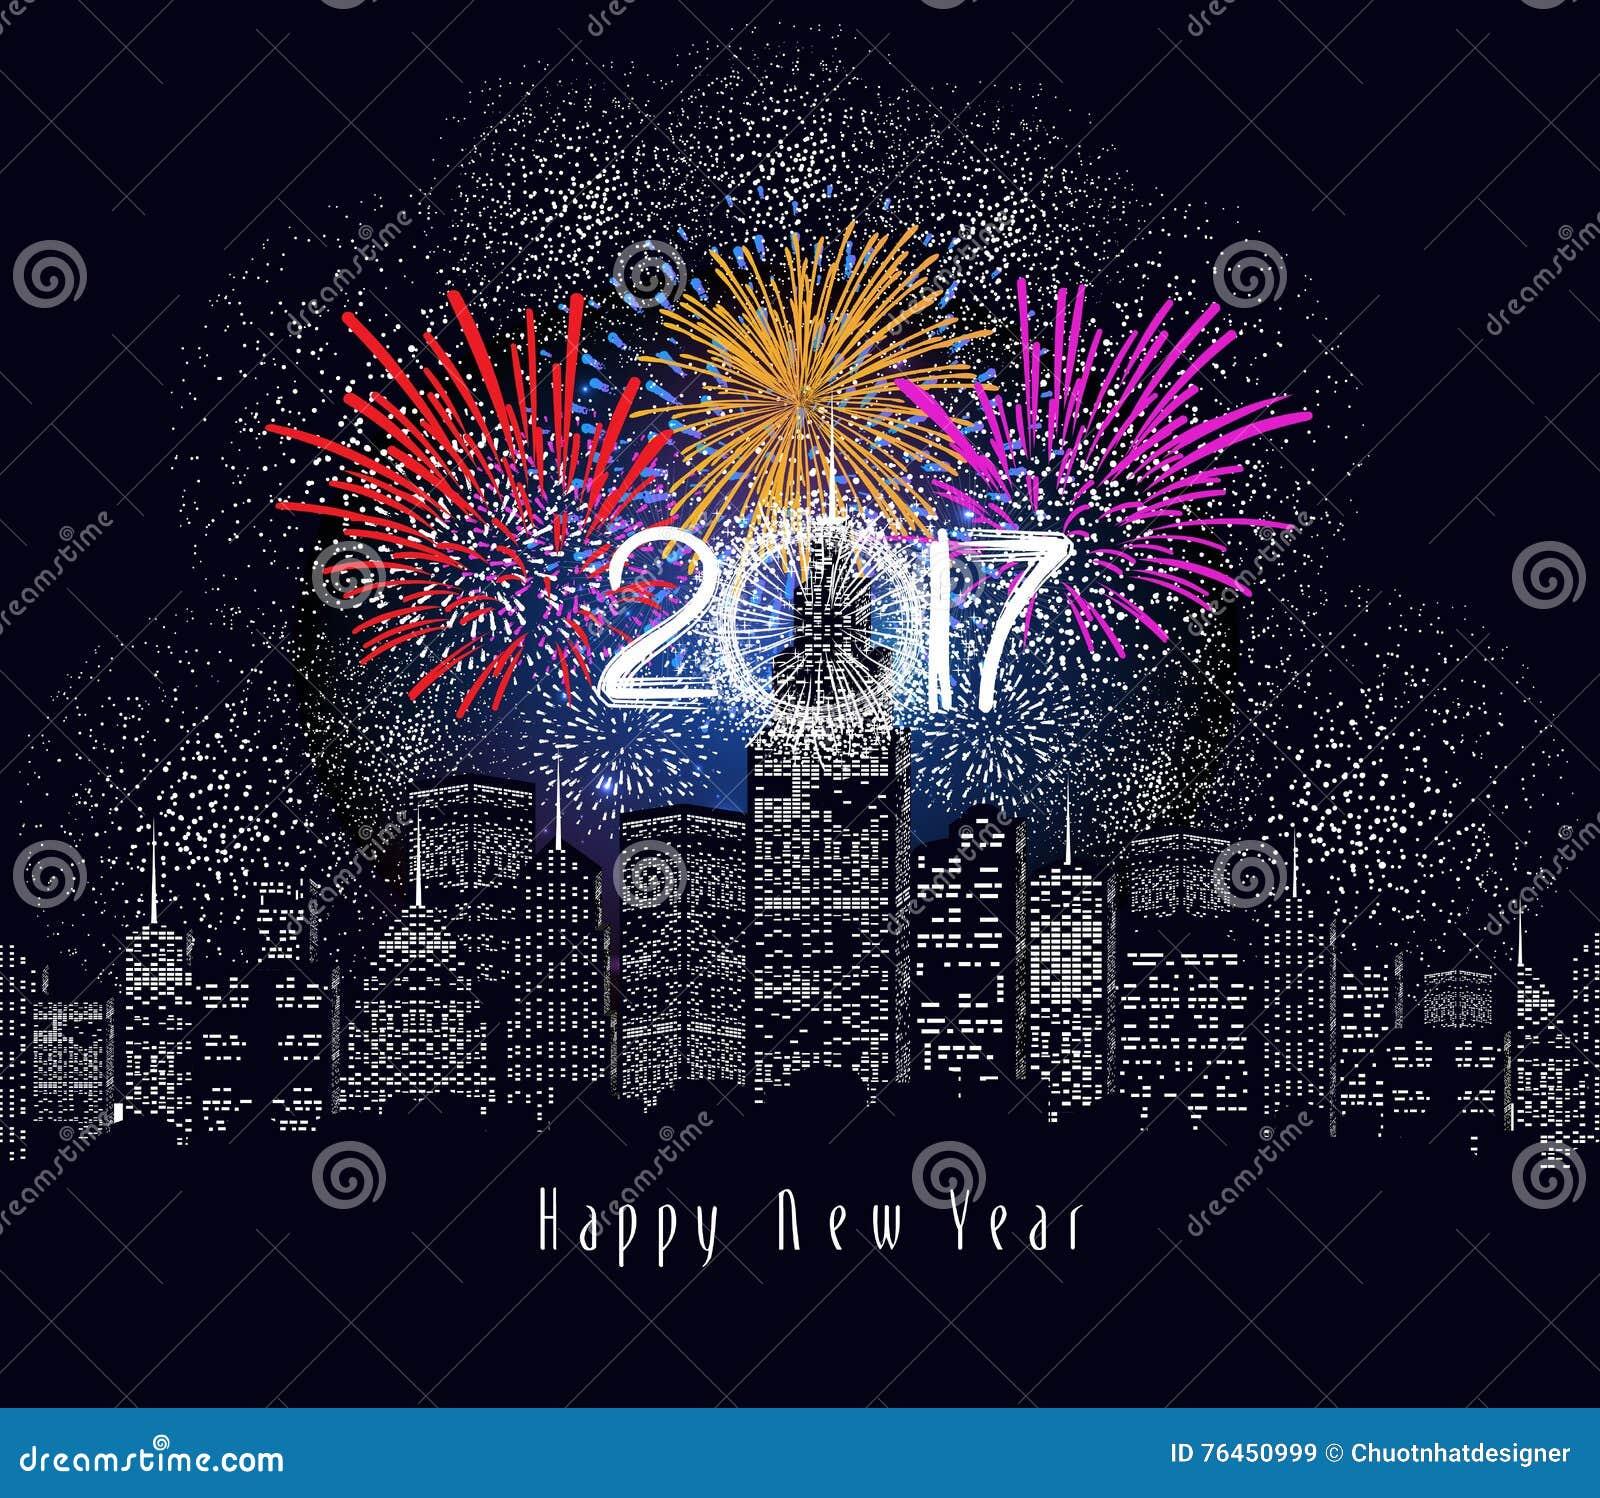 Guten Rutsch ins Neue Jahr-Feuerwerke 2017-Feiertags-Hintergrunddesign